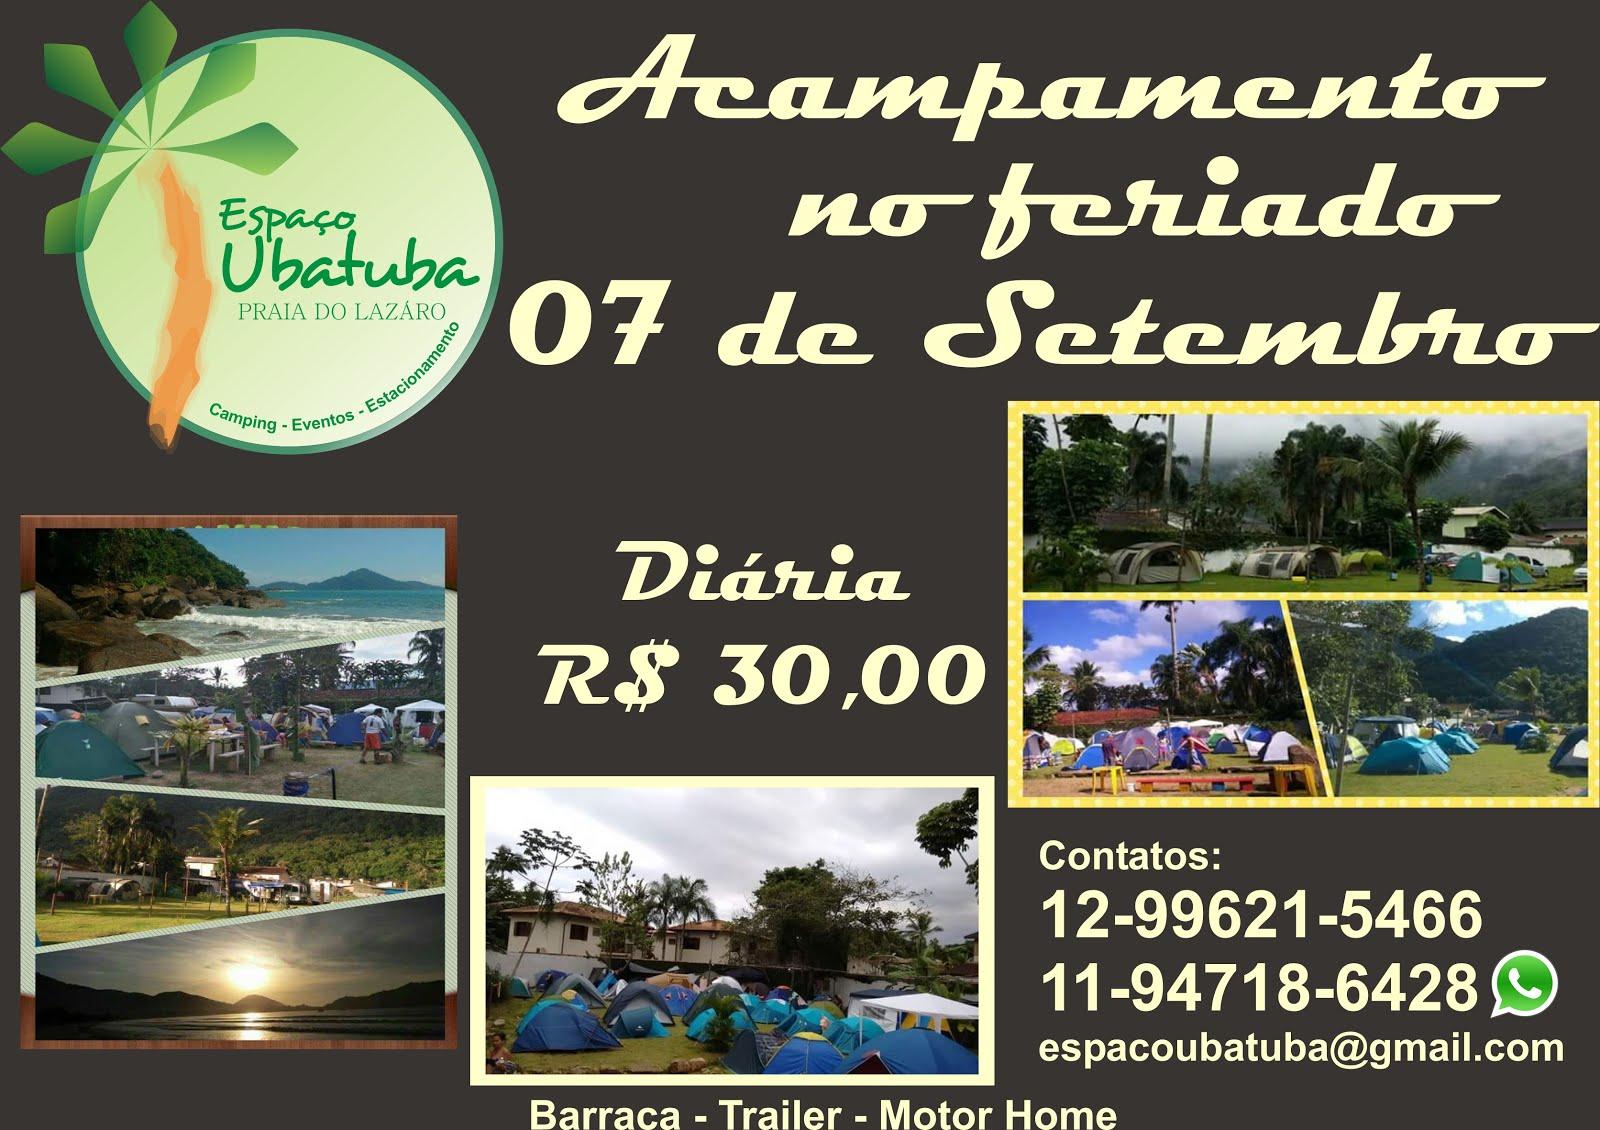 Feriado de 07 de Setembro Camping Espaço Ubatuba